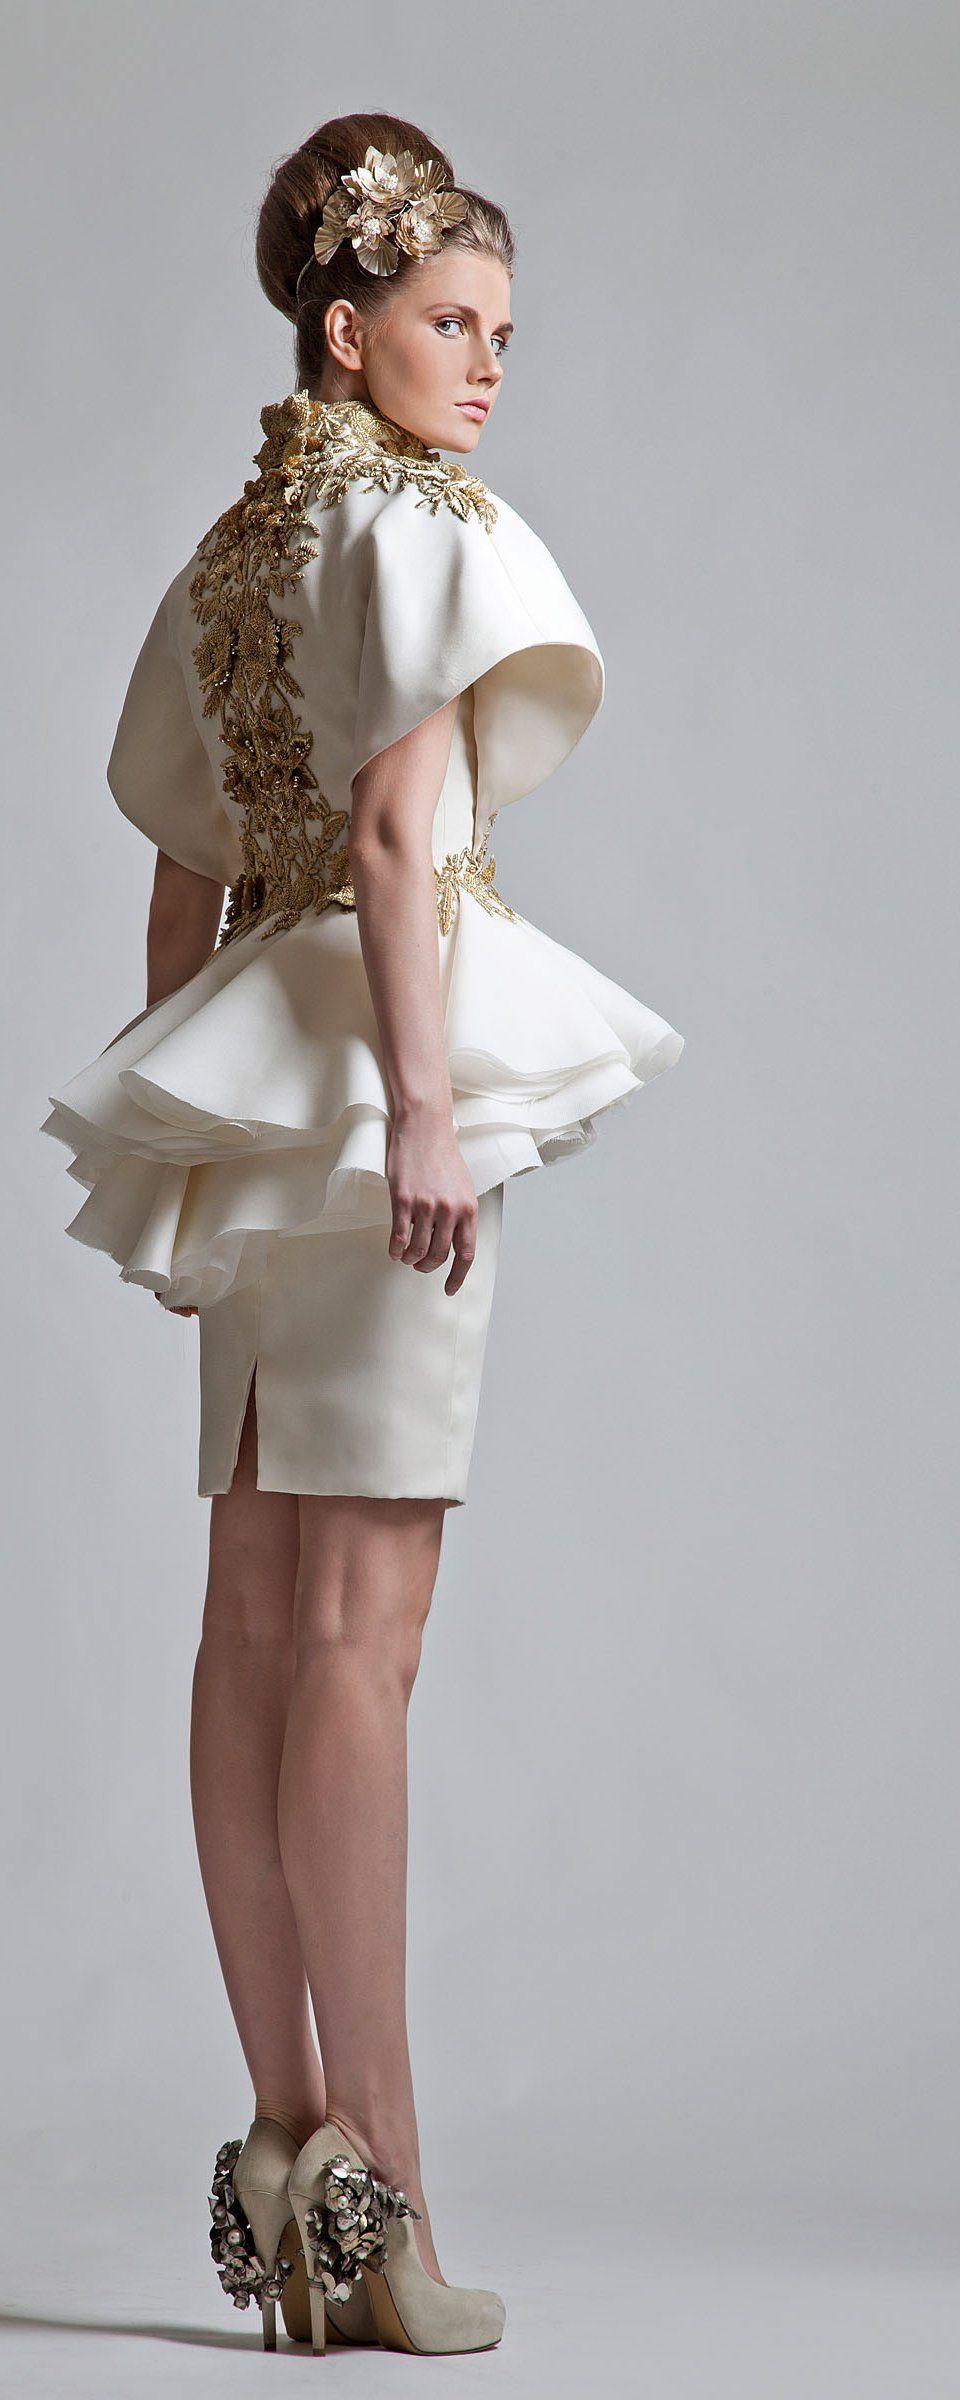 Krikor Jabotian Collection 2013 - Haute couture - http://fr.orientpalms.com/krikor-jabotian-3388